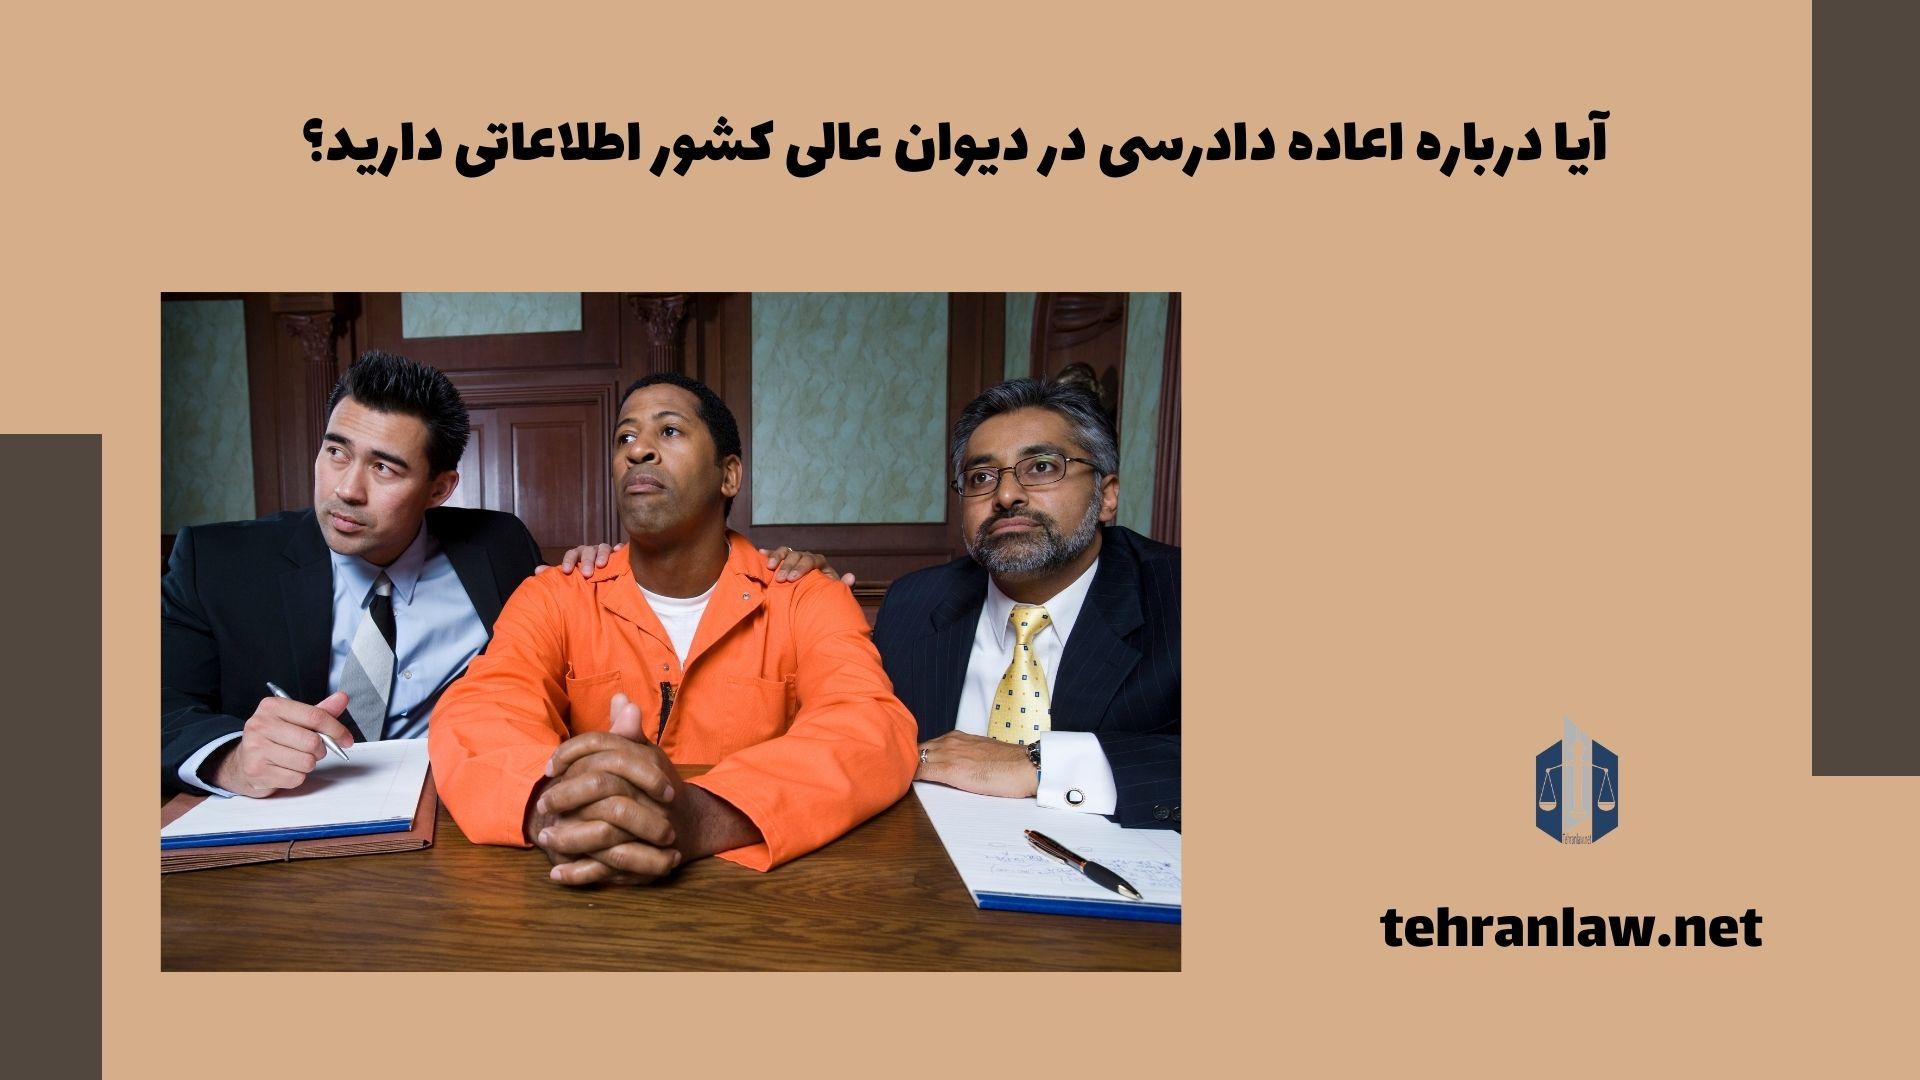 آیا درباره اعاده دادرسی در دیوان عالی کشور اطلاعاتی دارید؟